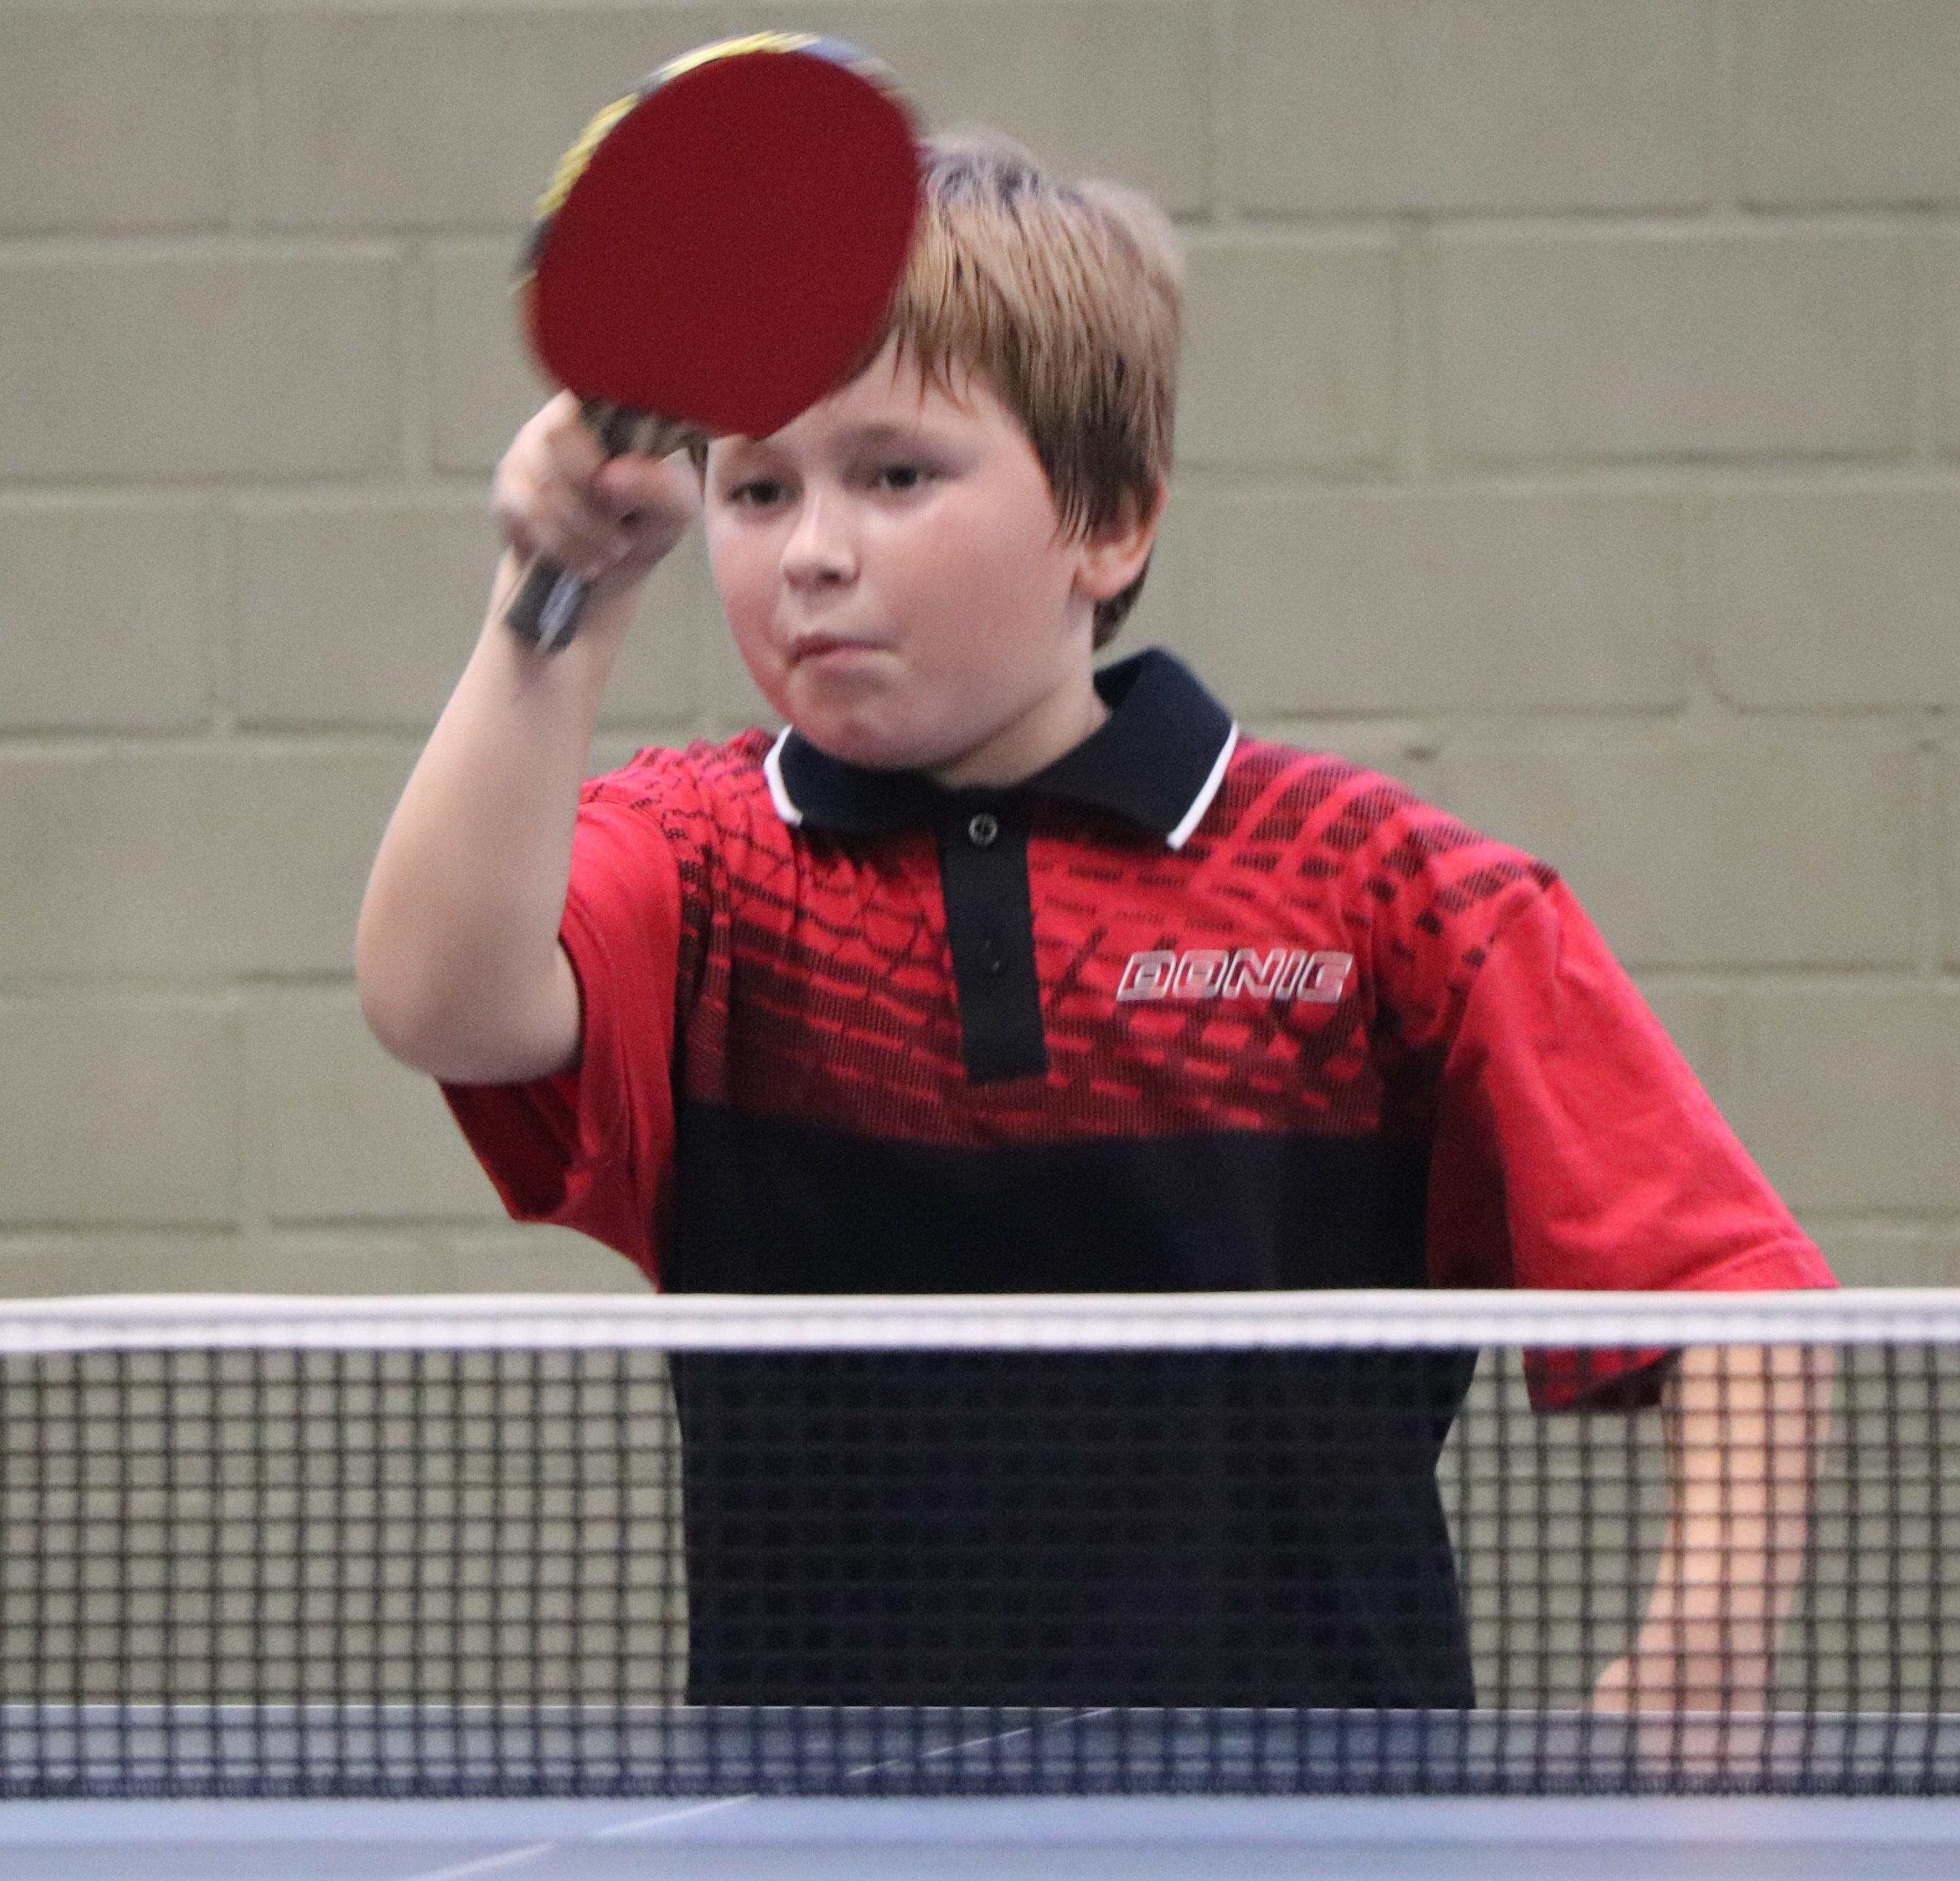 Biederitzer Tischtennisnachwuchs bei den Kreismeisterschaften sehr erfolgreich